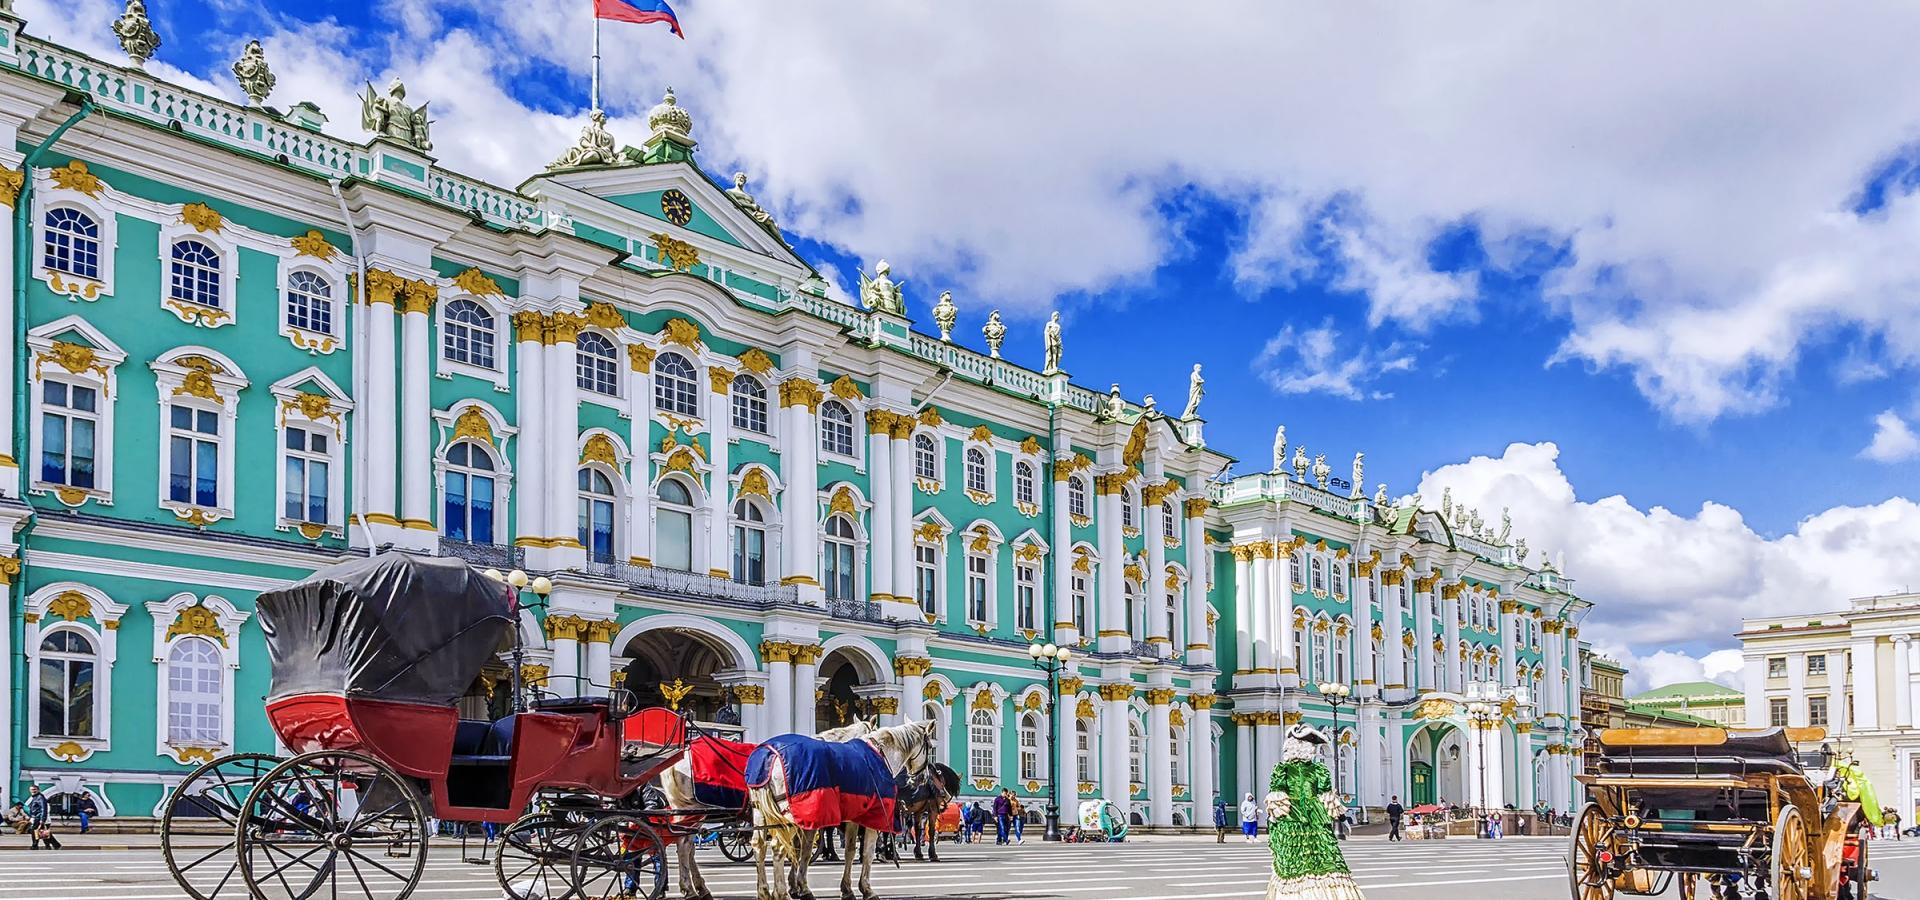 Rusia - Capitales Rusas al Completo